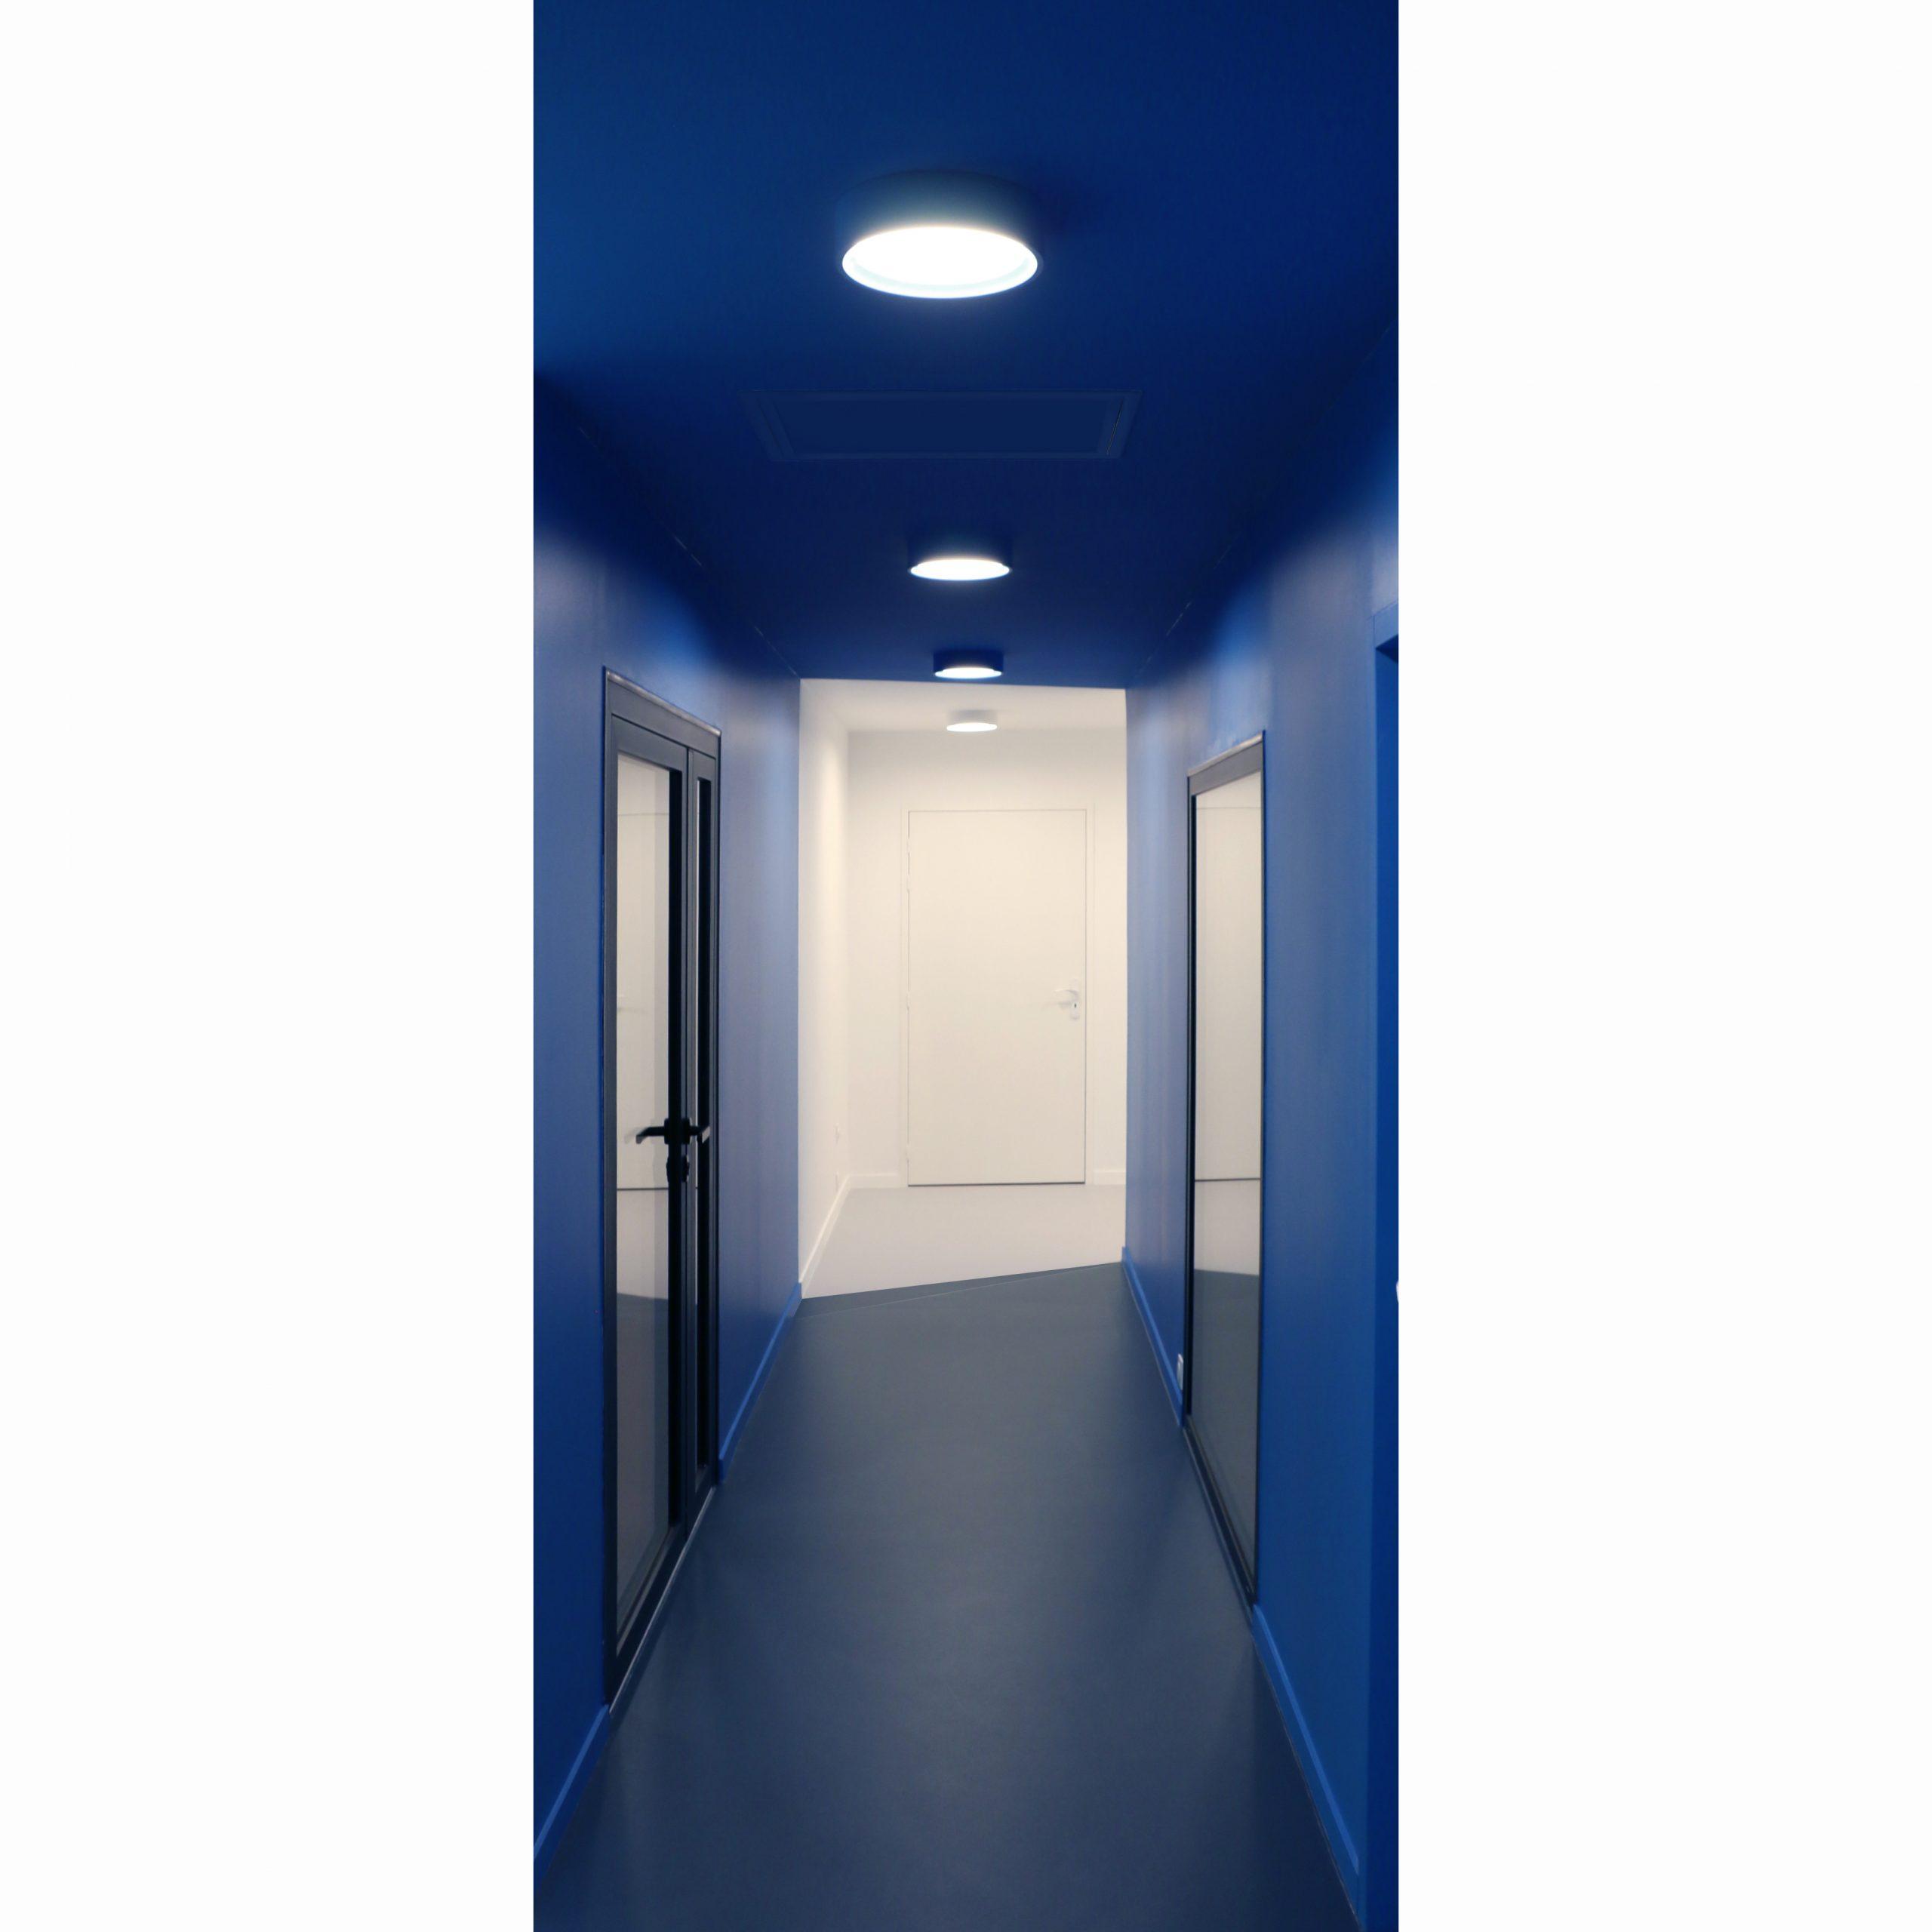 Espace bureau Bordaux La Crèmerie couloir 2